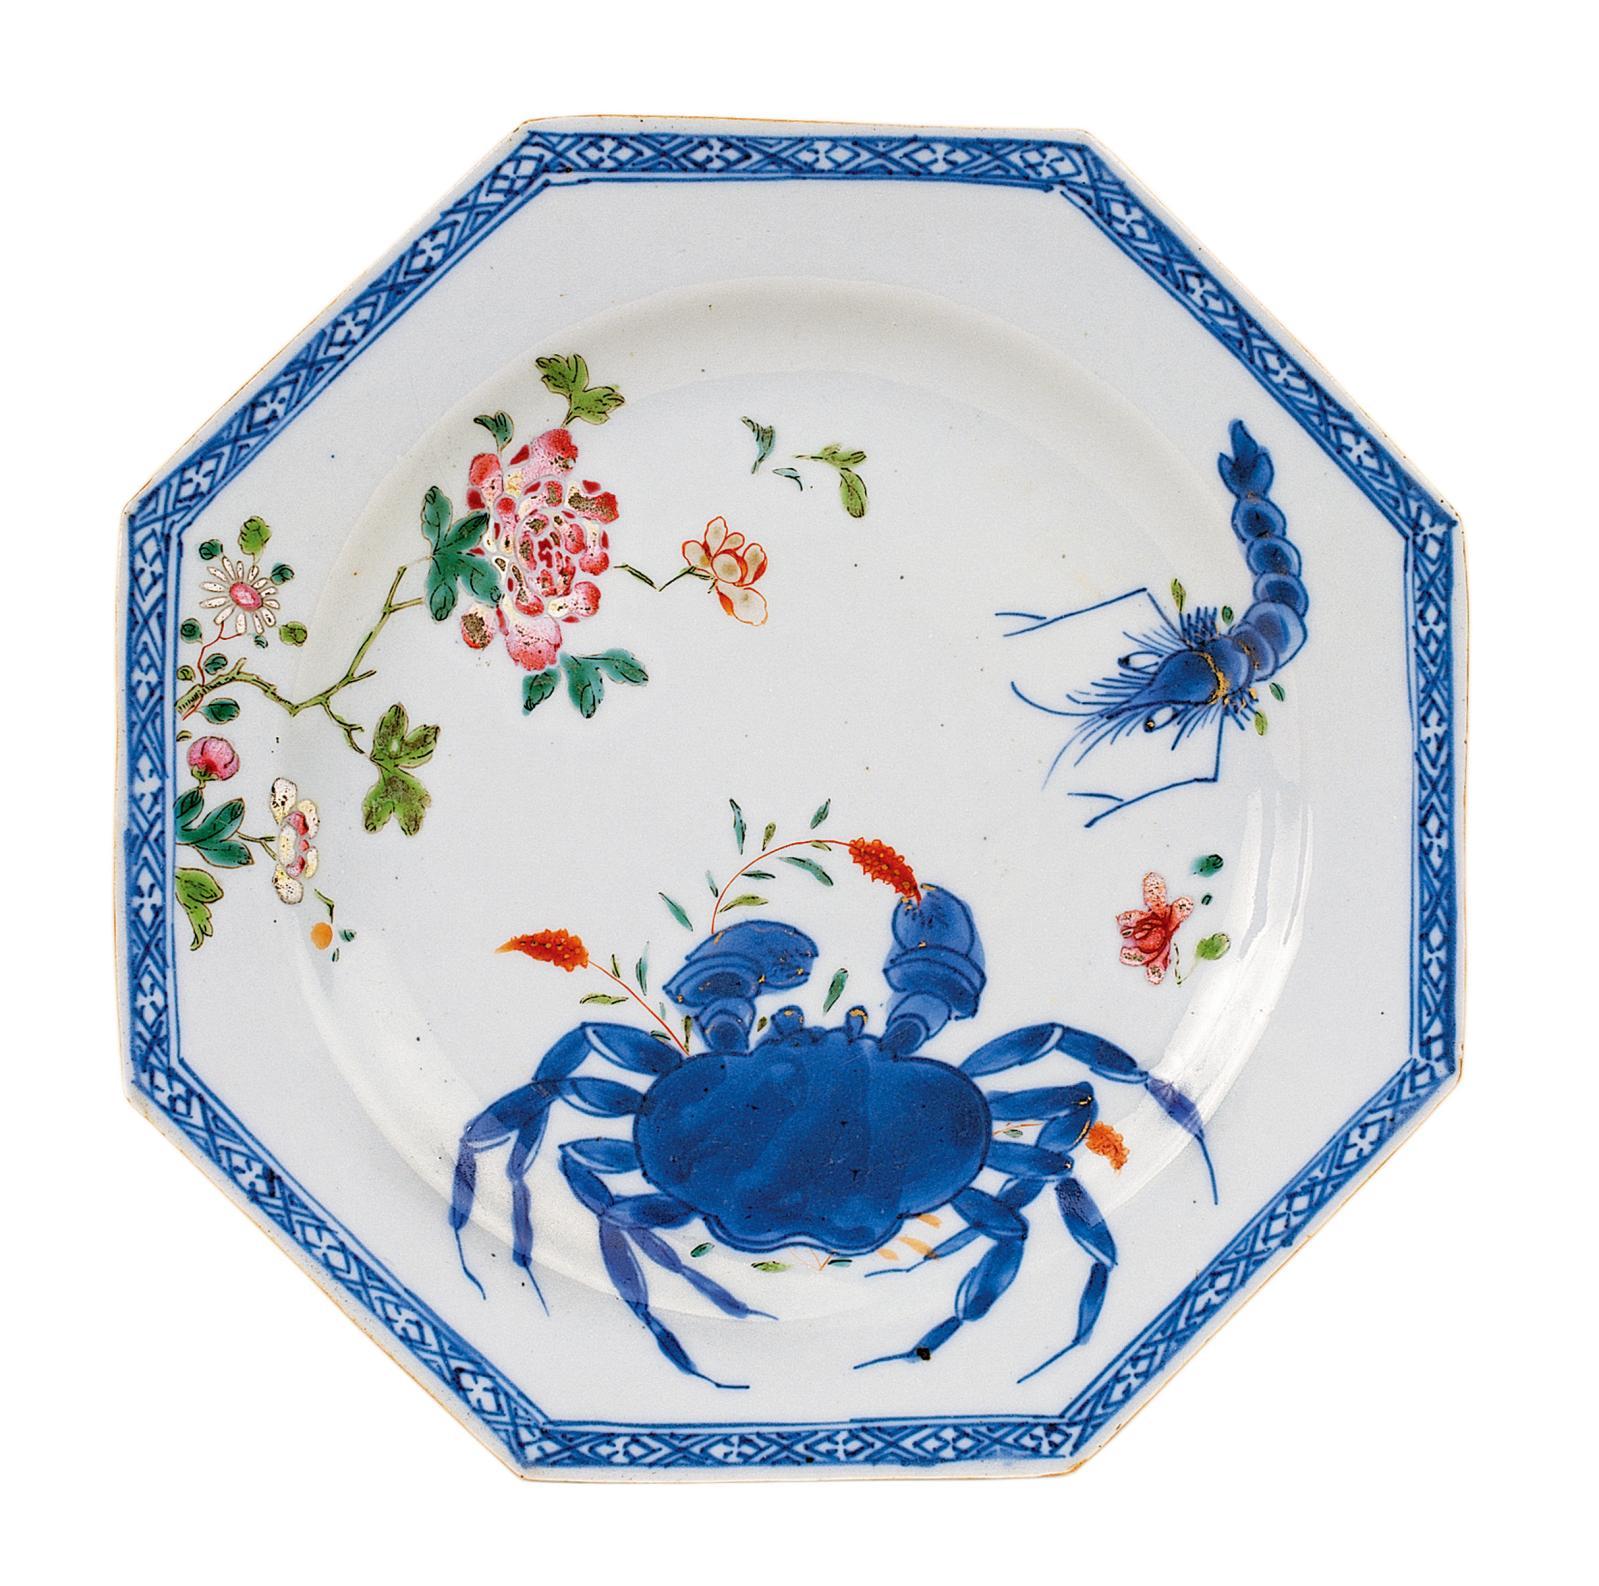 Assiette «crabe et crevette», Chine, règne de Qianlong (1736-1795).